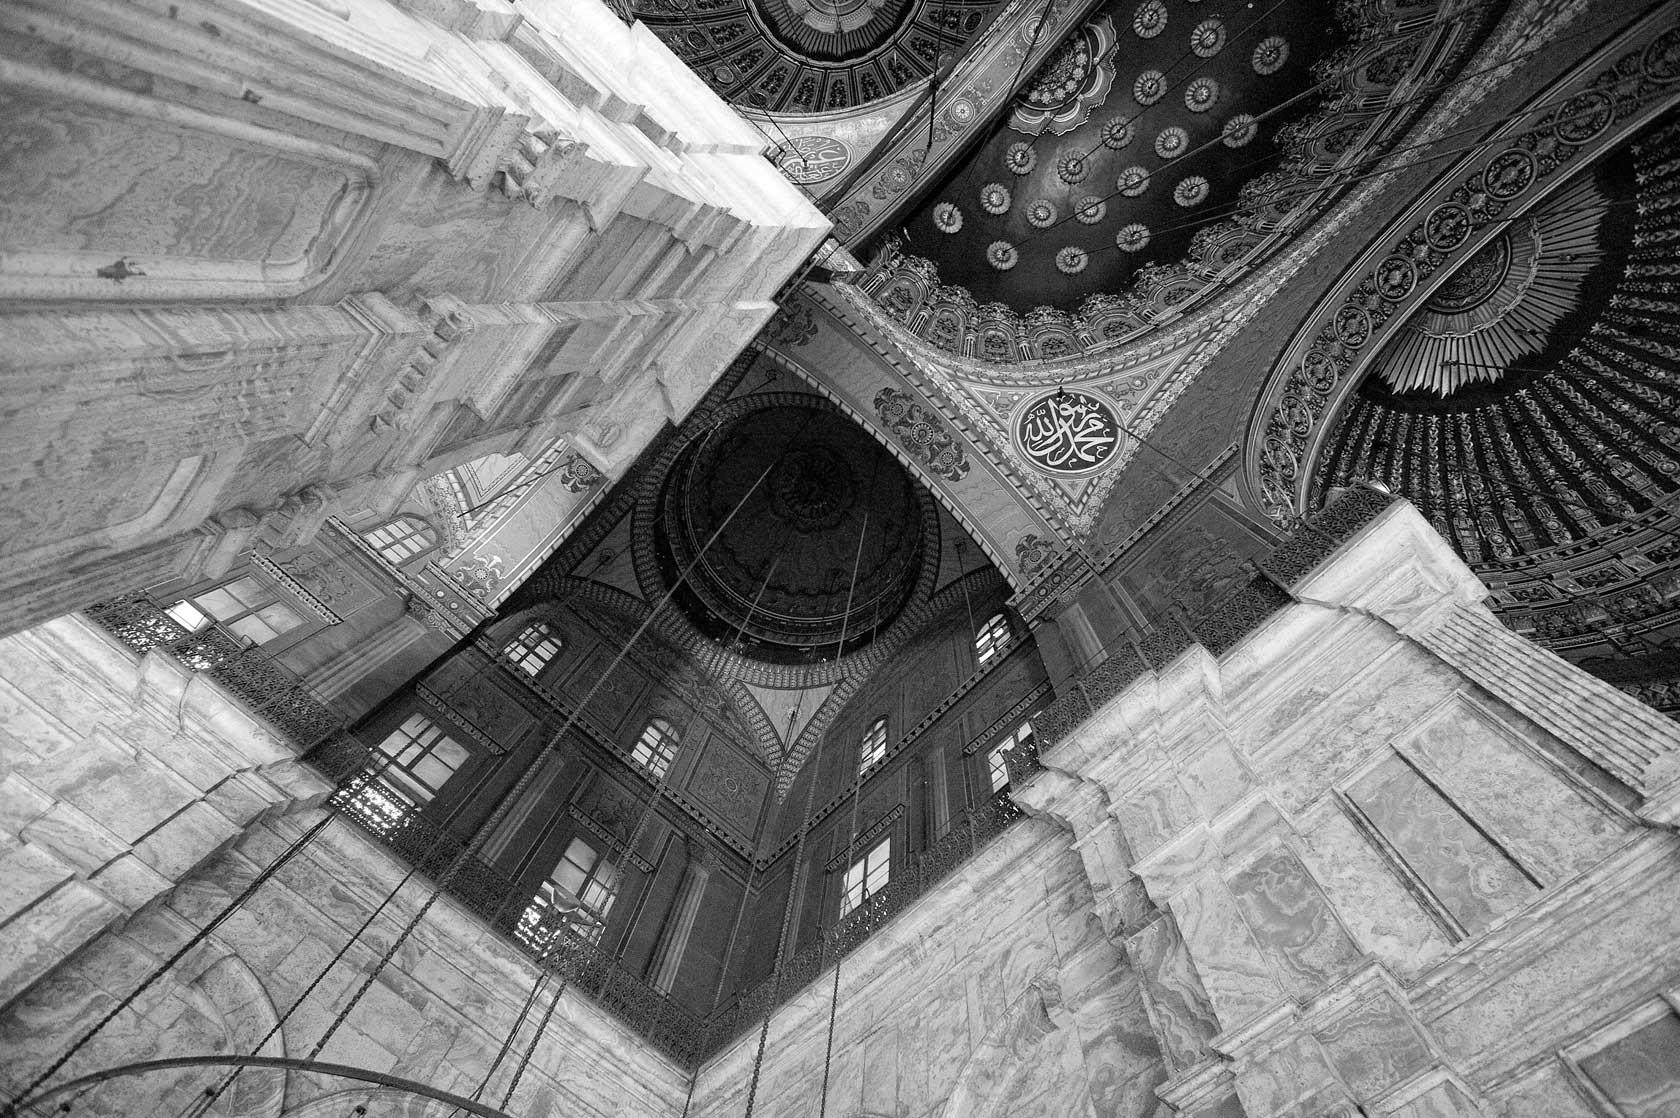 090100_DSC1945-Mosque-2.jpg